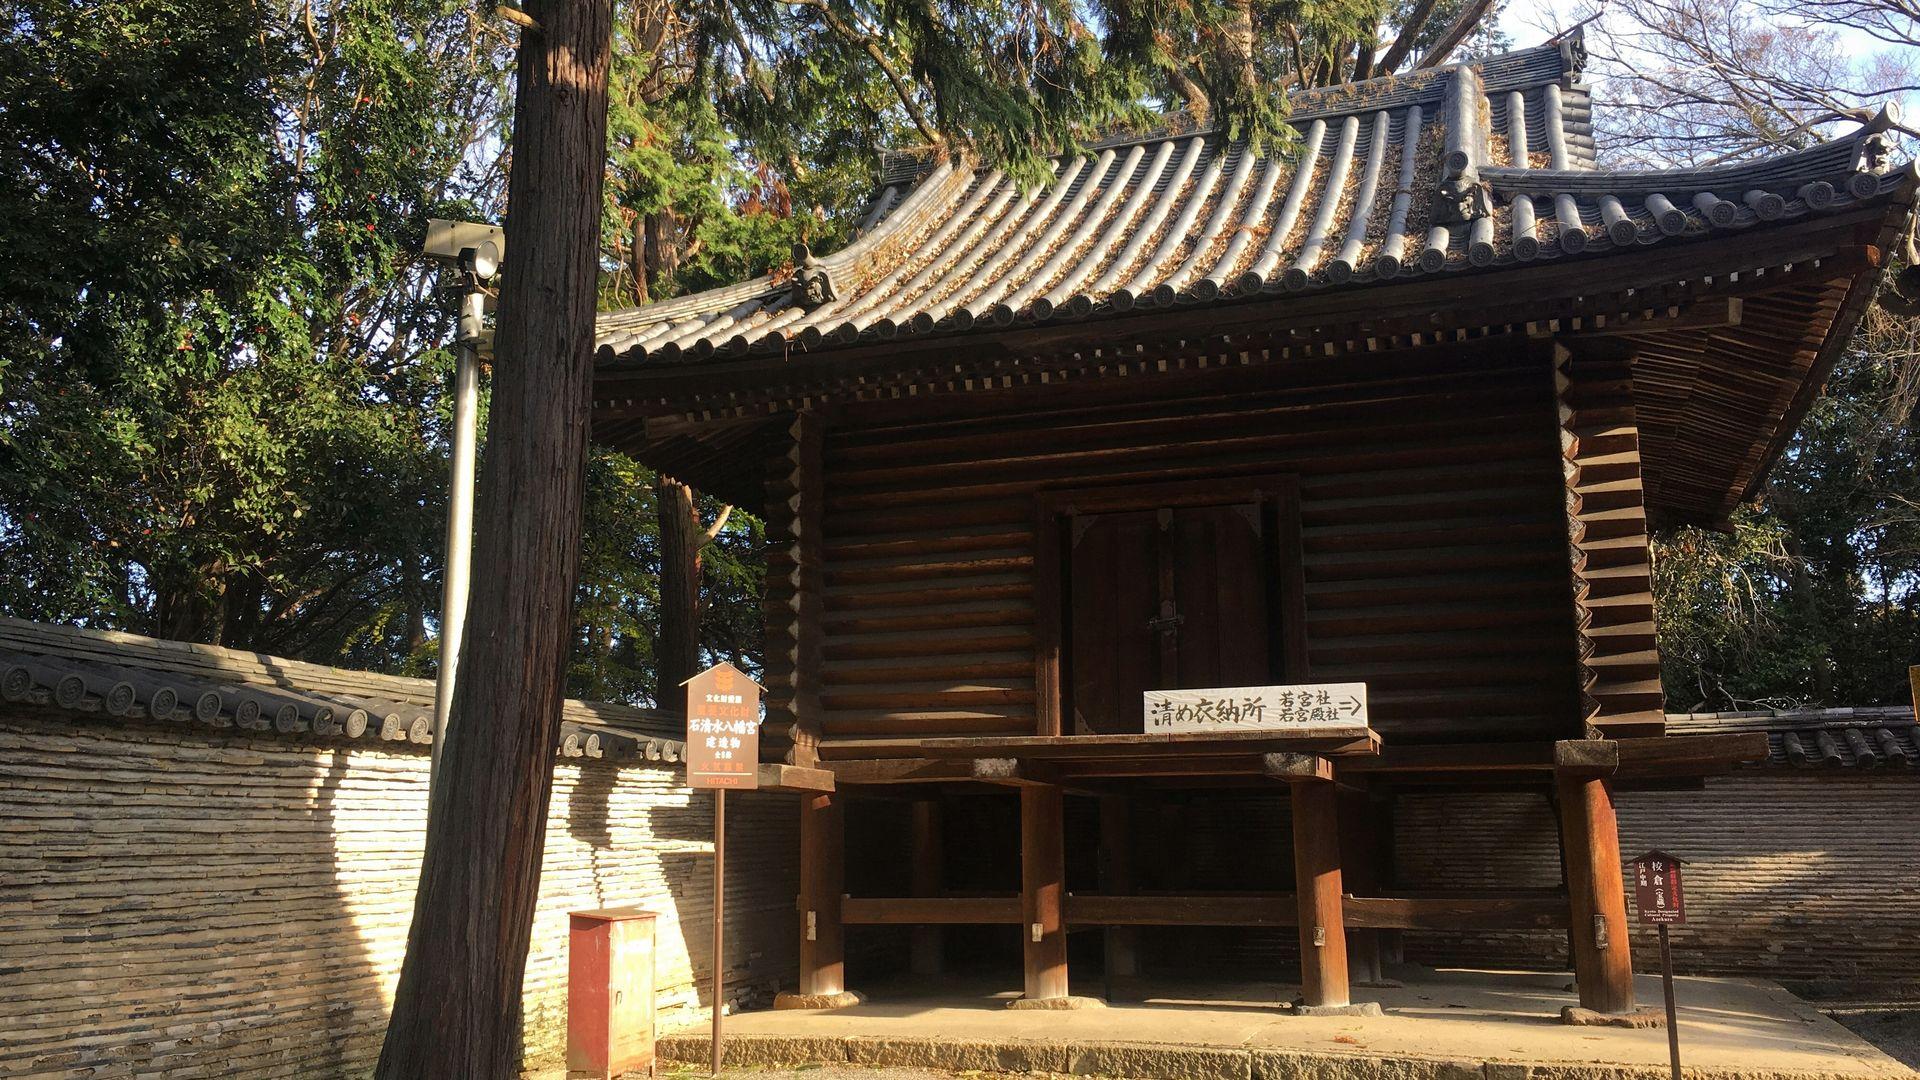 石清水八幡宮の校倉